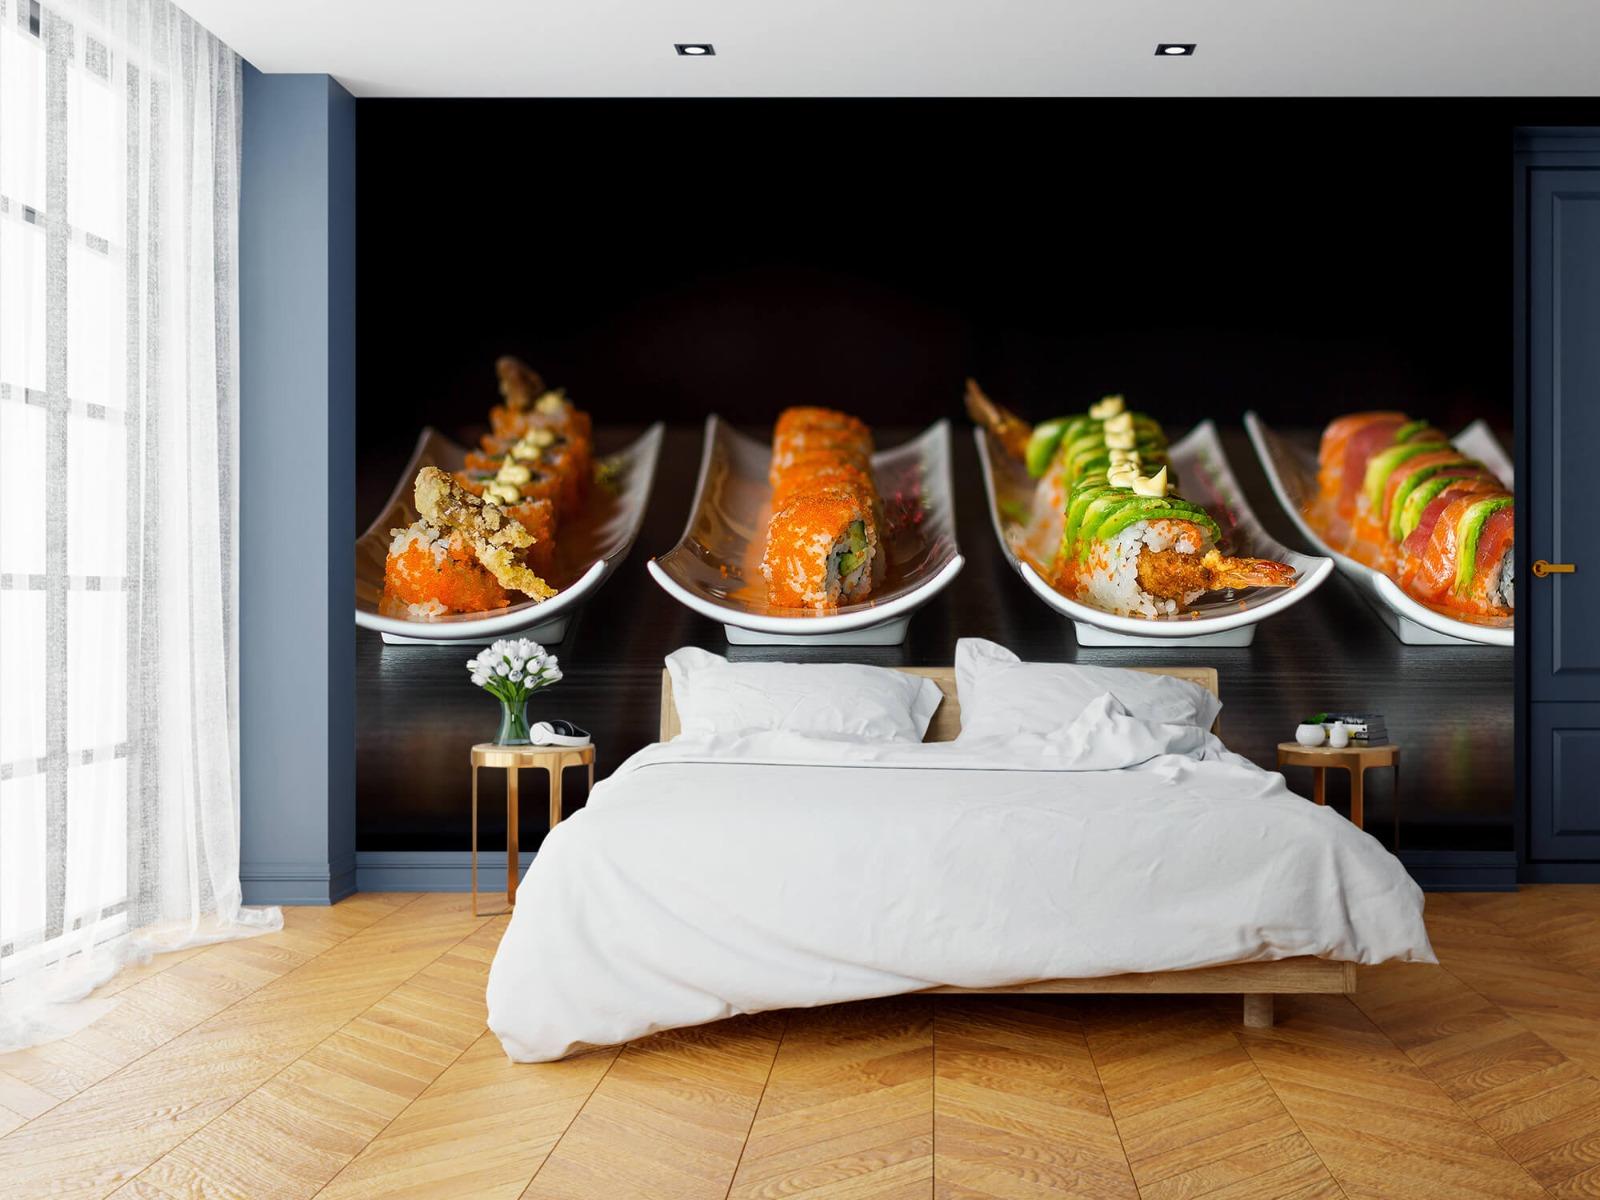 Overige - Sushi - Keuken 15